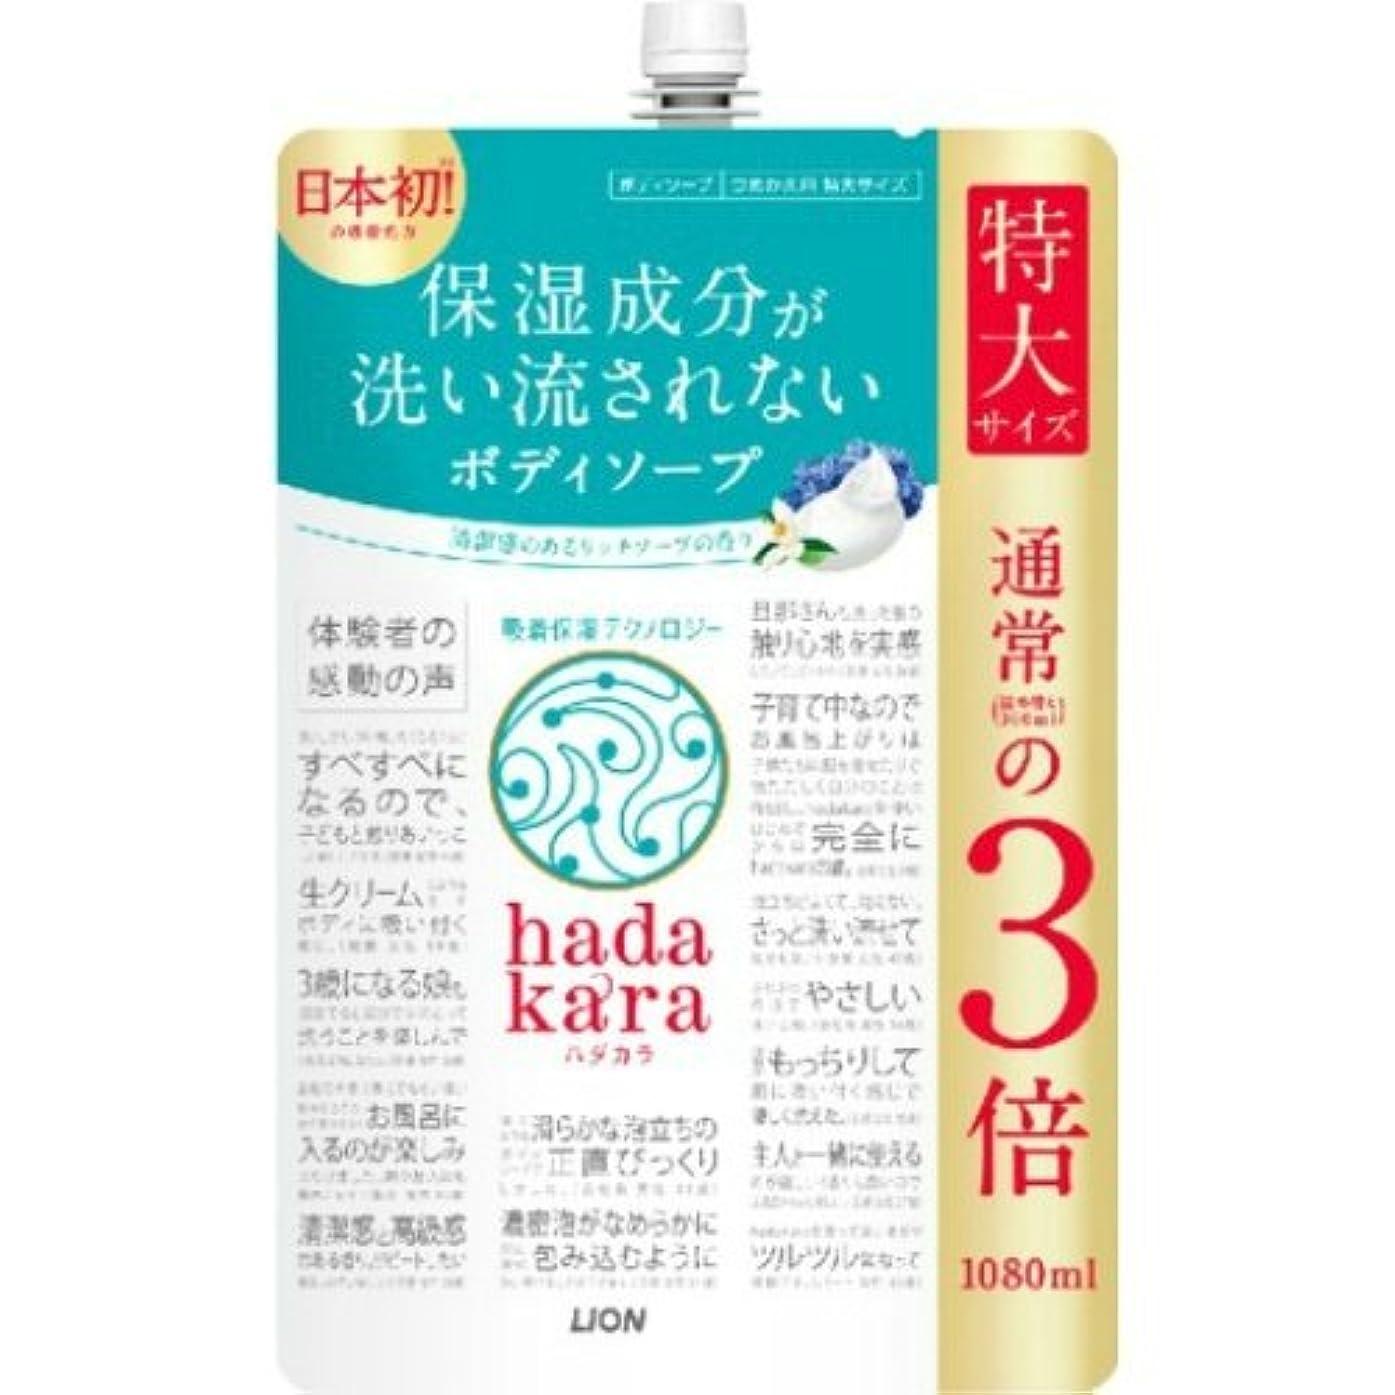 アクロバット呼びかけるタイトルLION ライオン hadakara ハダカラ ボディソープ リッチソープの香り つめかえ用 特大サイズ 1080ml ×3点セット(4903301260882)